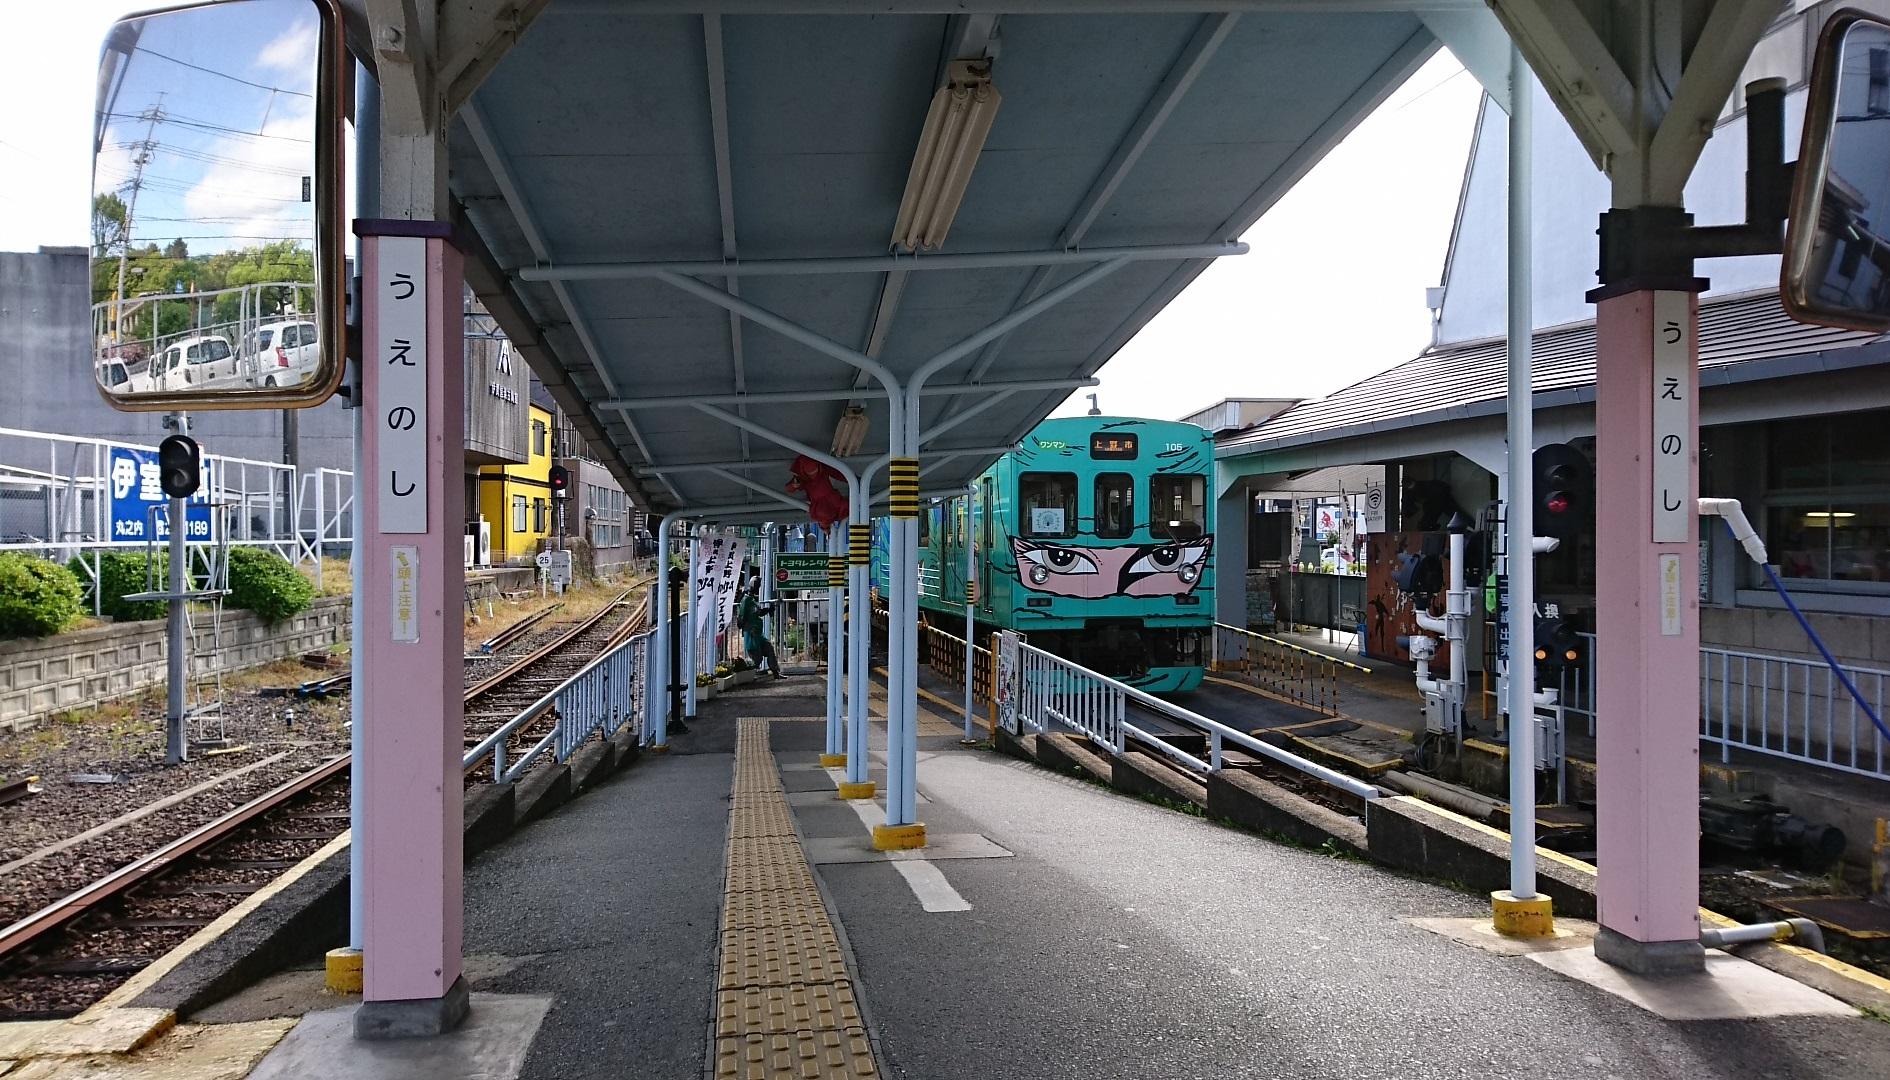 2018.4.26 上野 (45) 上野市 - 伊賀神戸いきふつう 1890-1080